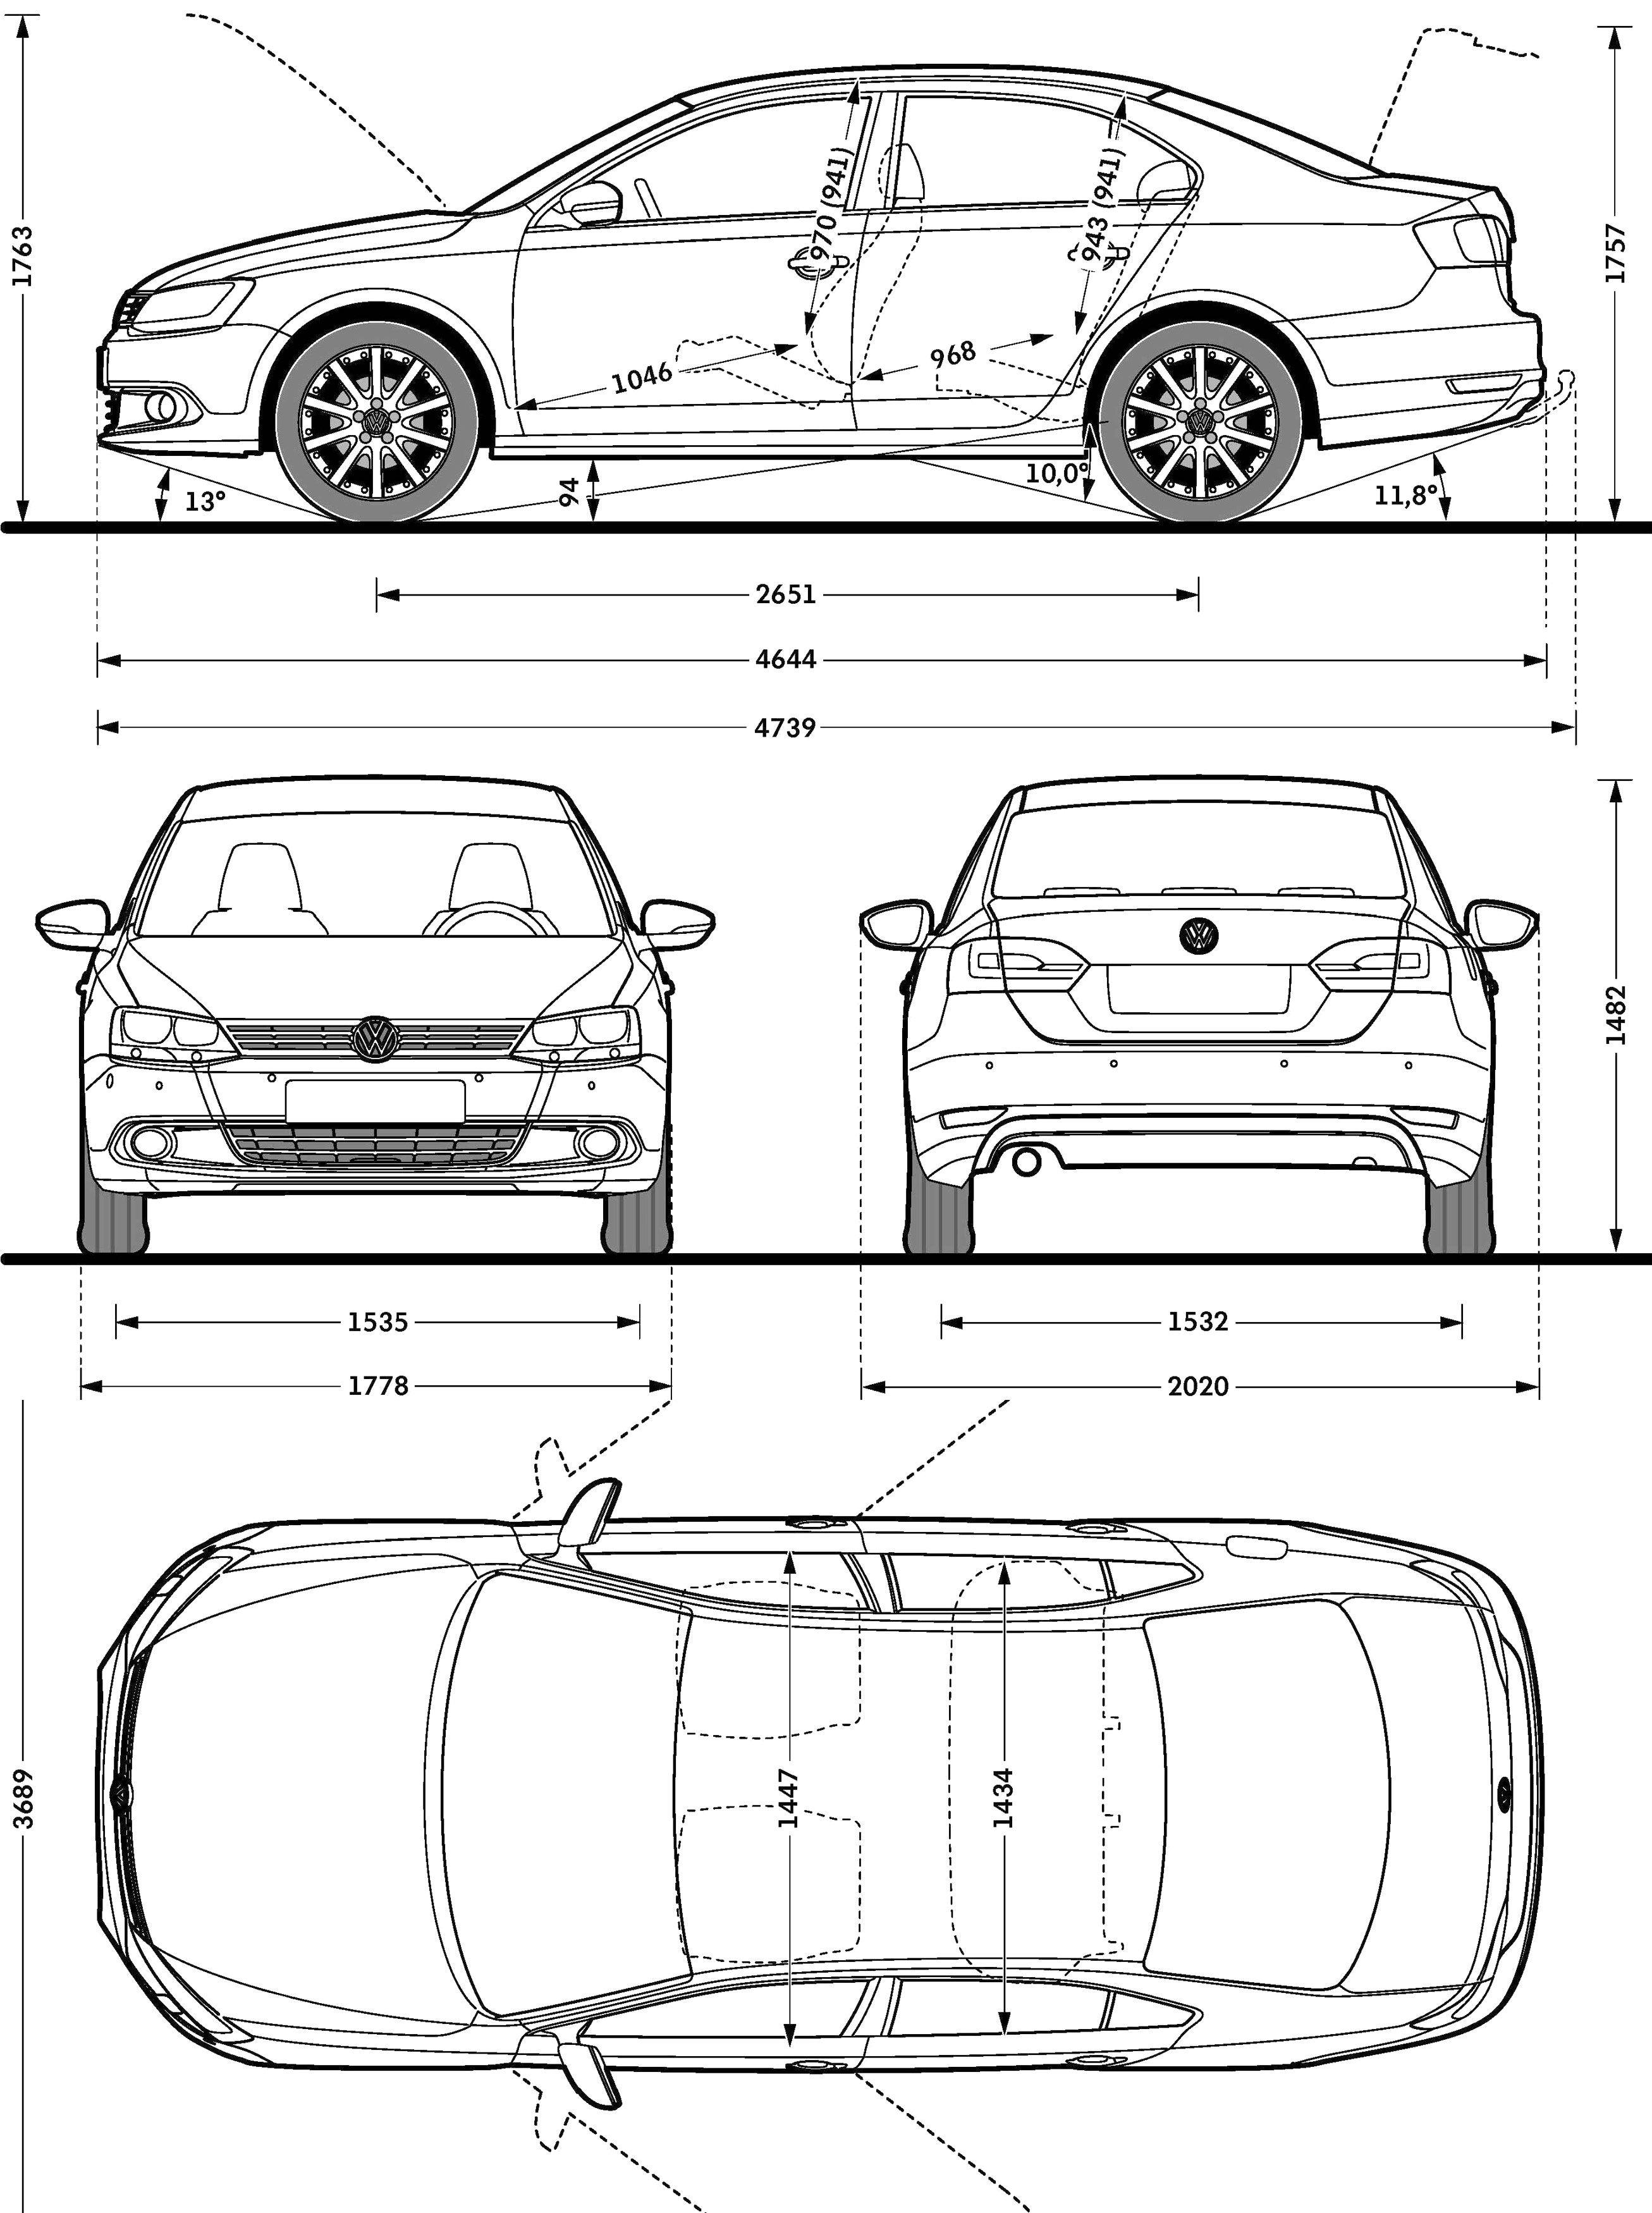 Vw Jetta Model Sheet